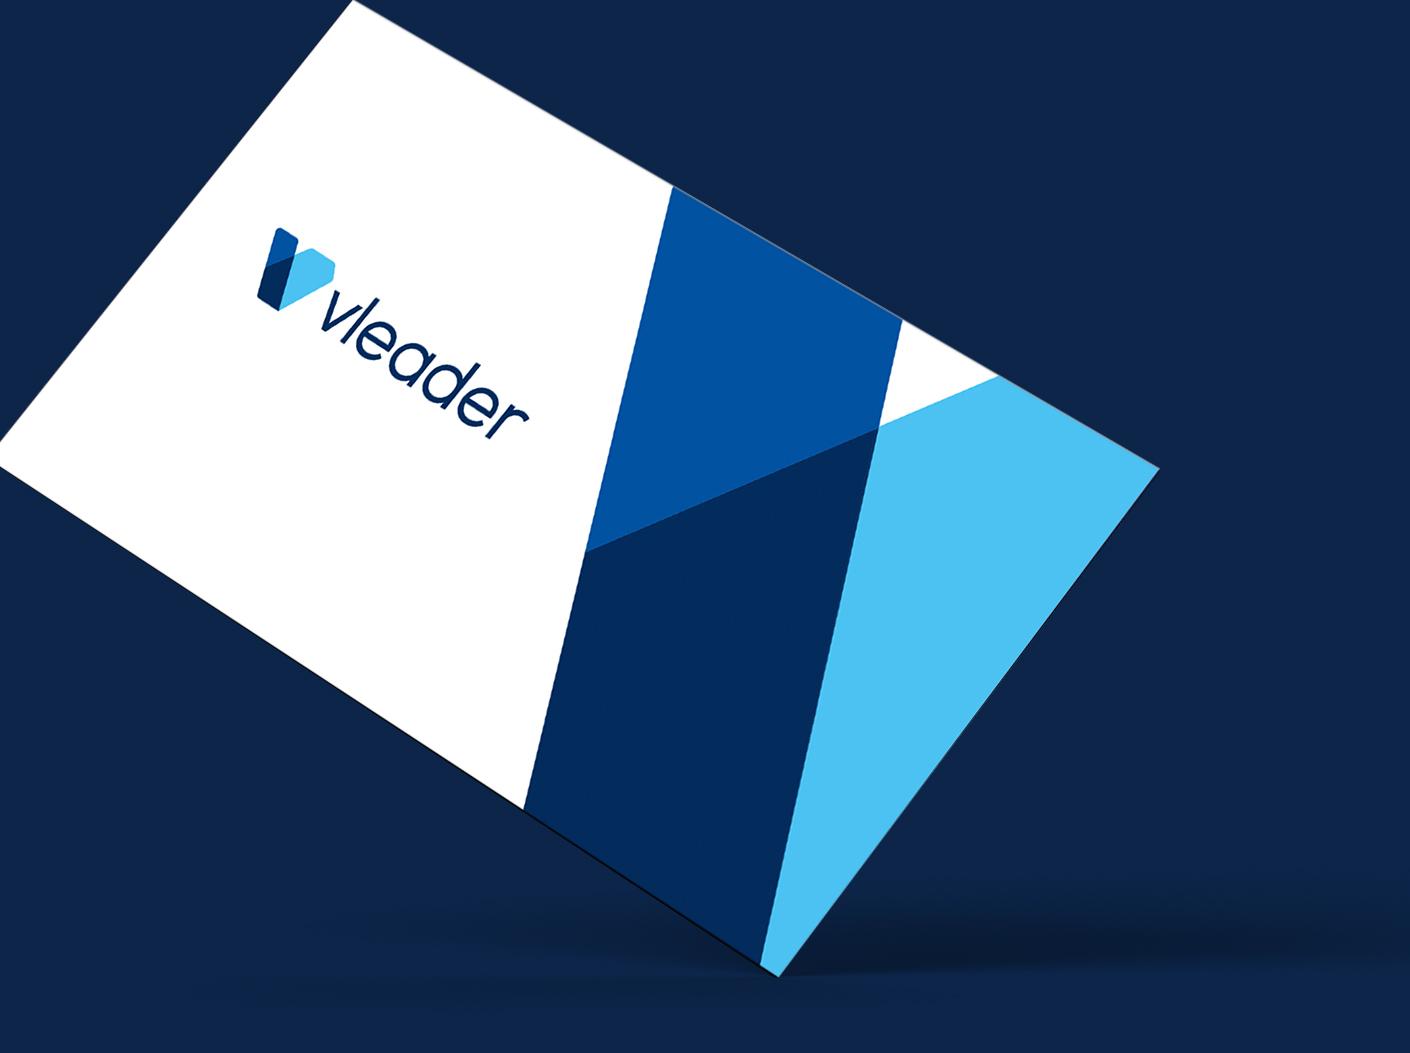 vleader business cards